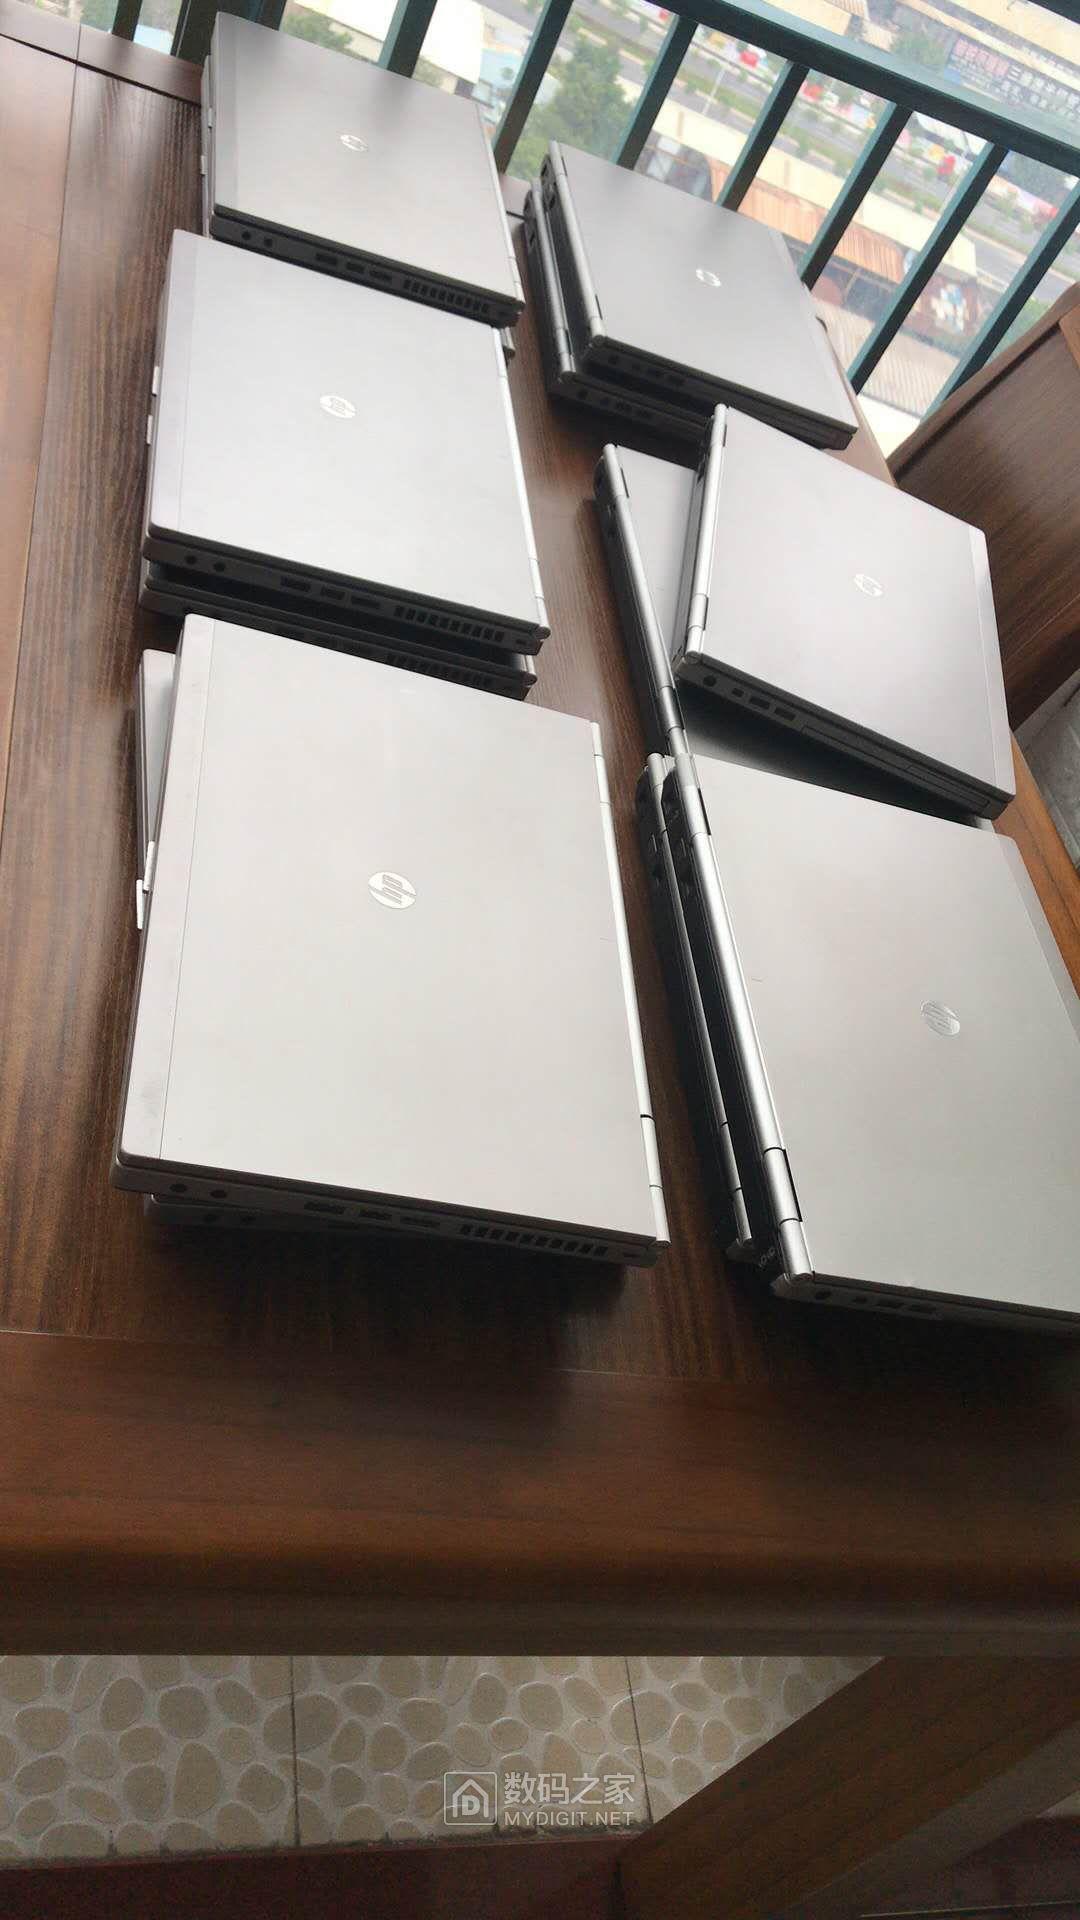 新到50台惠普8460p笔记